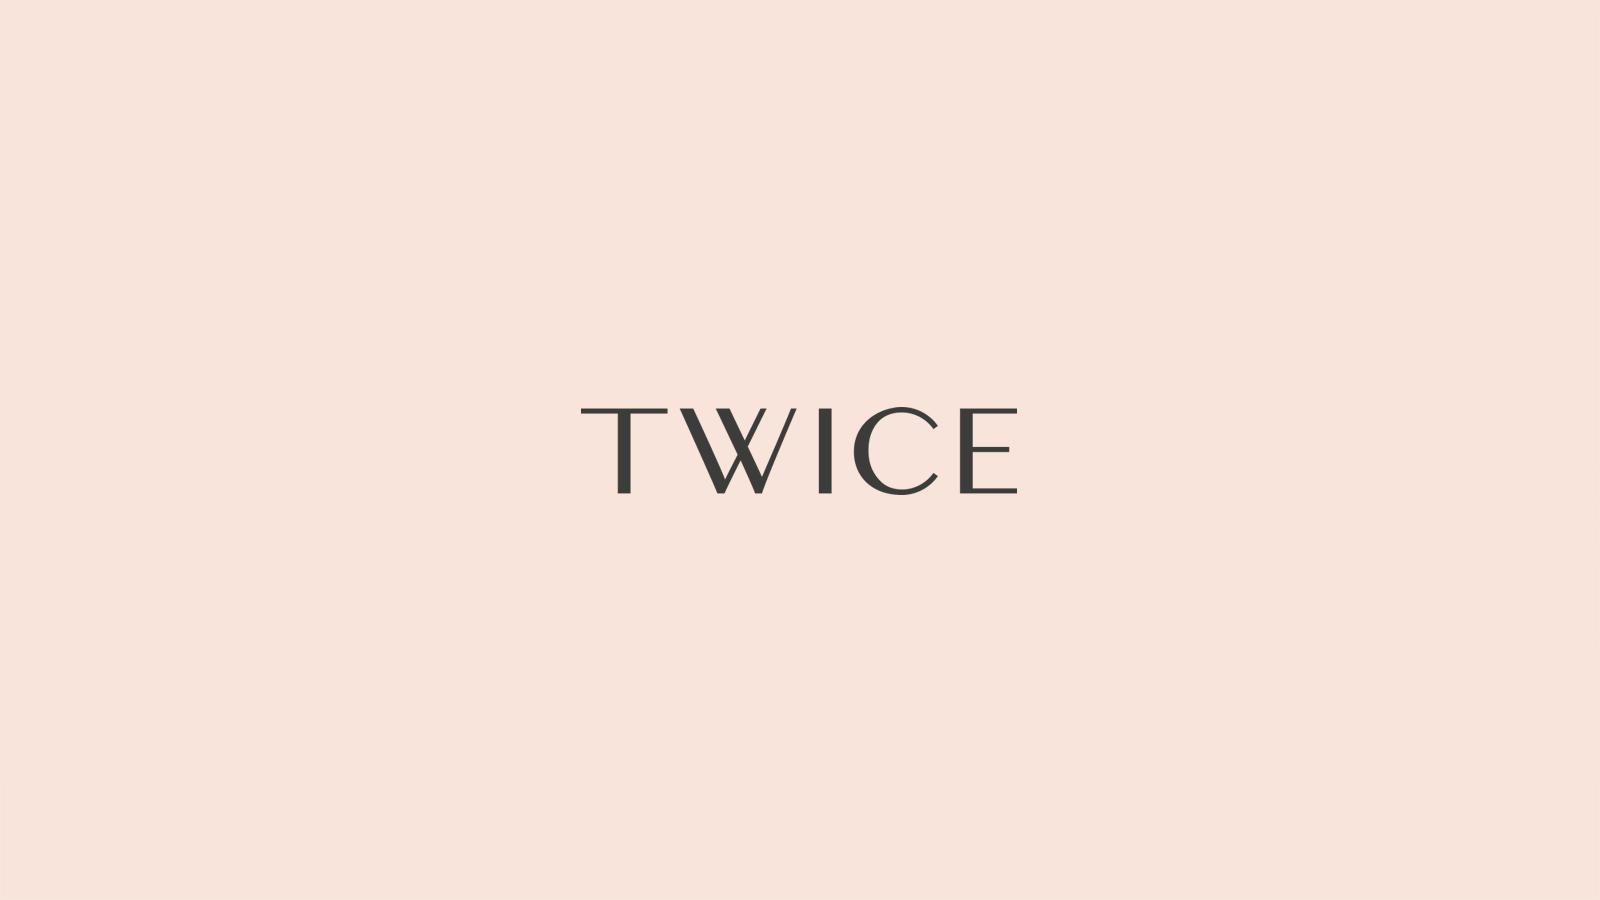 Twice_Marque